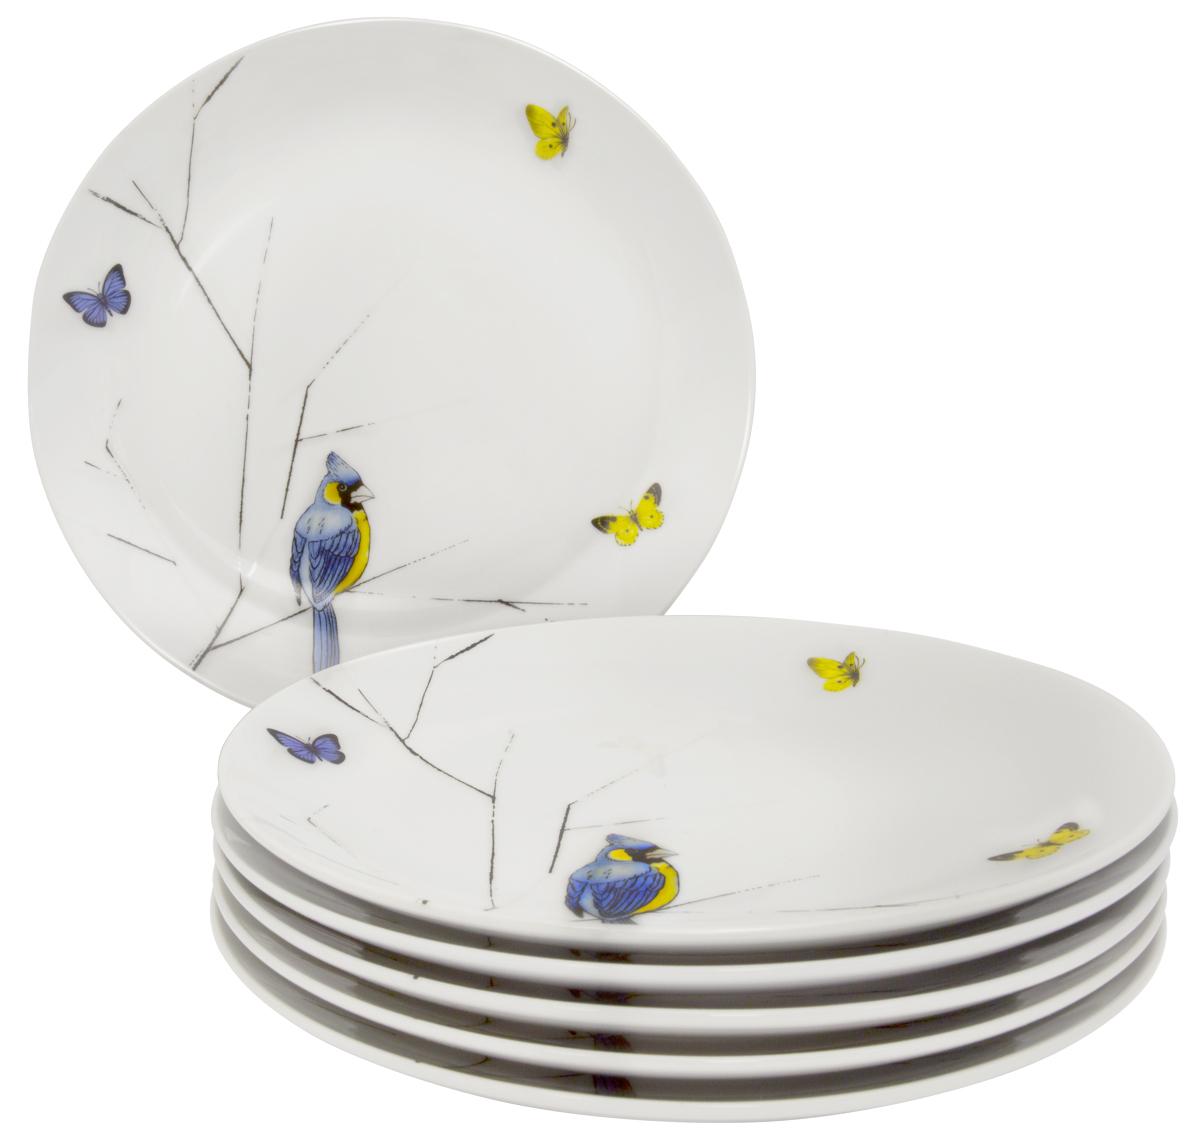 Набор обеденных тарелок Esprado Primavera, цвет: белый, черный, голубой,24,5 см, 6 шт. PRM024YE301115510Набор Esprado Primavera состоит из шести обеденных тарелок, выполненных из высококачественного твердого фарфора. Над созданием дизайна коллекций посуды из твердого фарфора Esprado работает международная команда высококлассных дизайнеров, не только воплощающих в жизнь все новейшие тренды, но также и придерживающихся многовековых традиций при создании классических коллекций. Посуда из твердого фарфора будет идеальным выбором, для тех, кто предпочитает красивую современную посуду из высококачественного материала, которая отличается высокой прочностью и подходит для ежедневного использования.